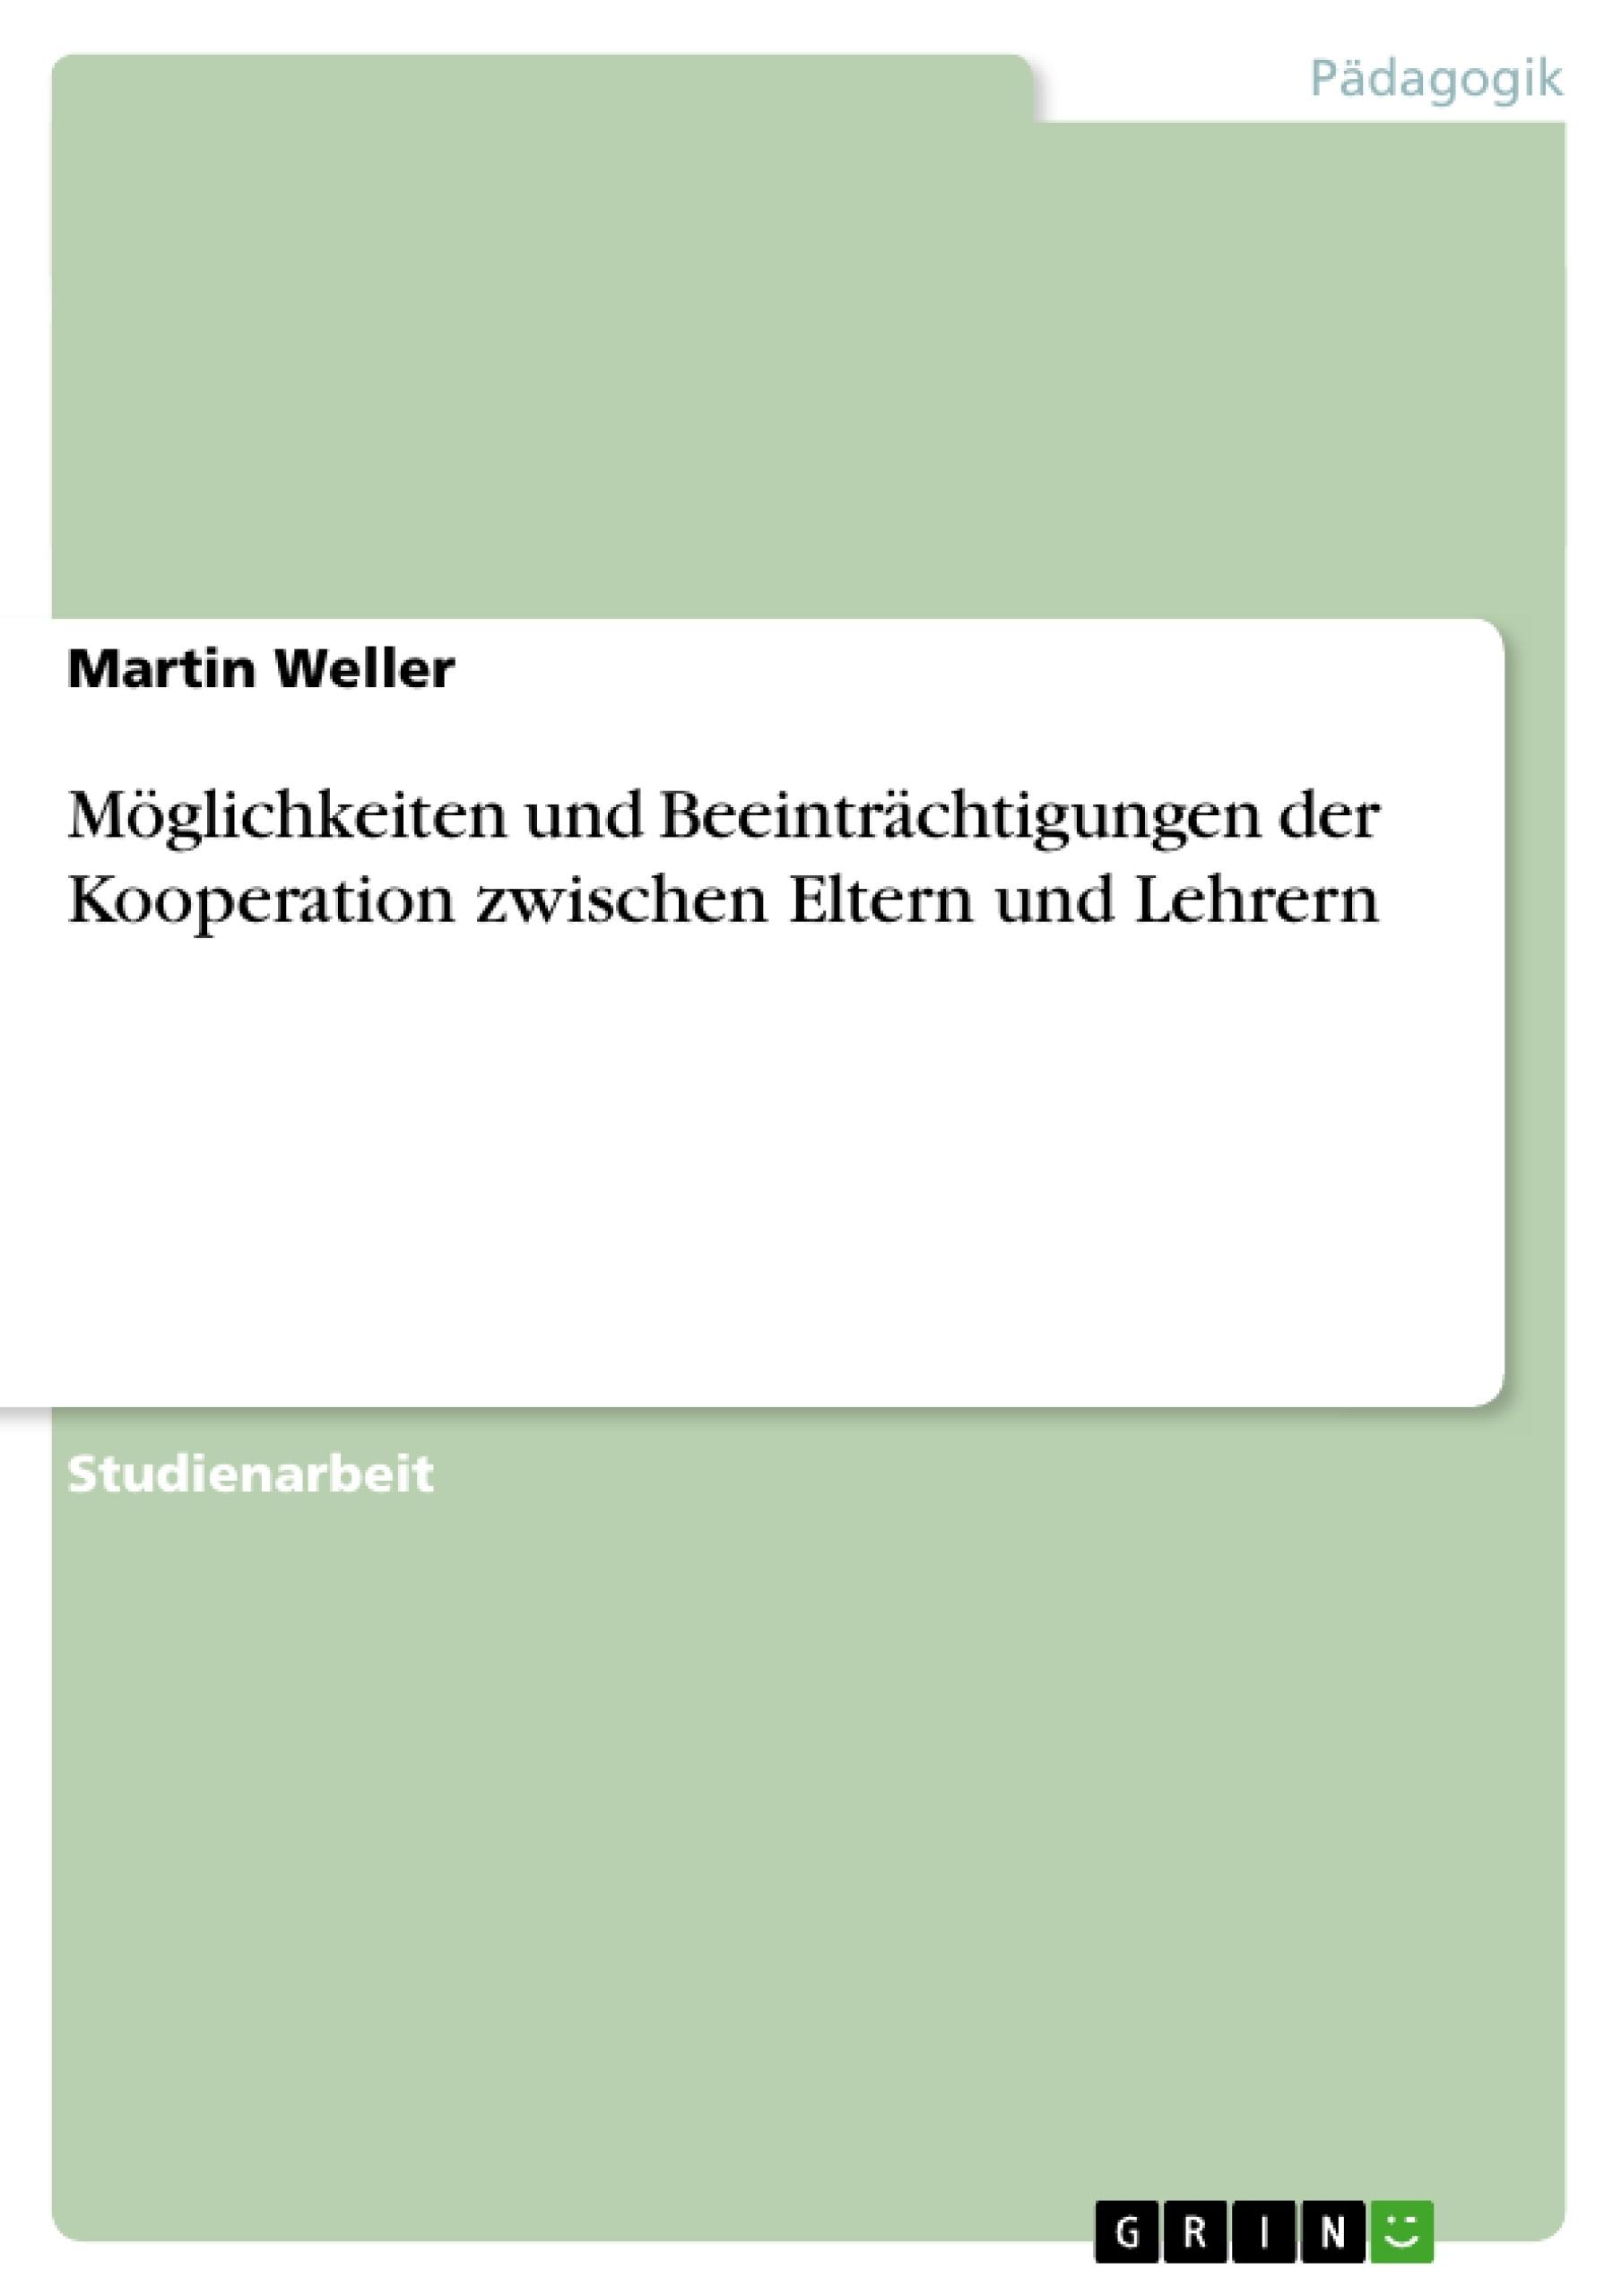 Titel: Möglichkeiten und Beeinträchtigungen der Kooperation zwischen Eltern und Lehrern